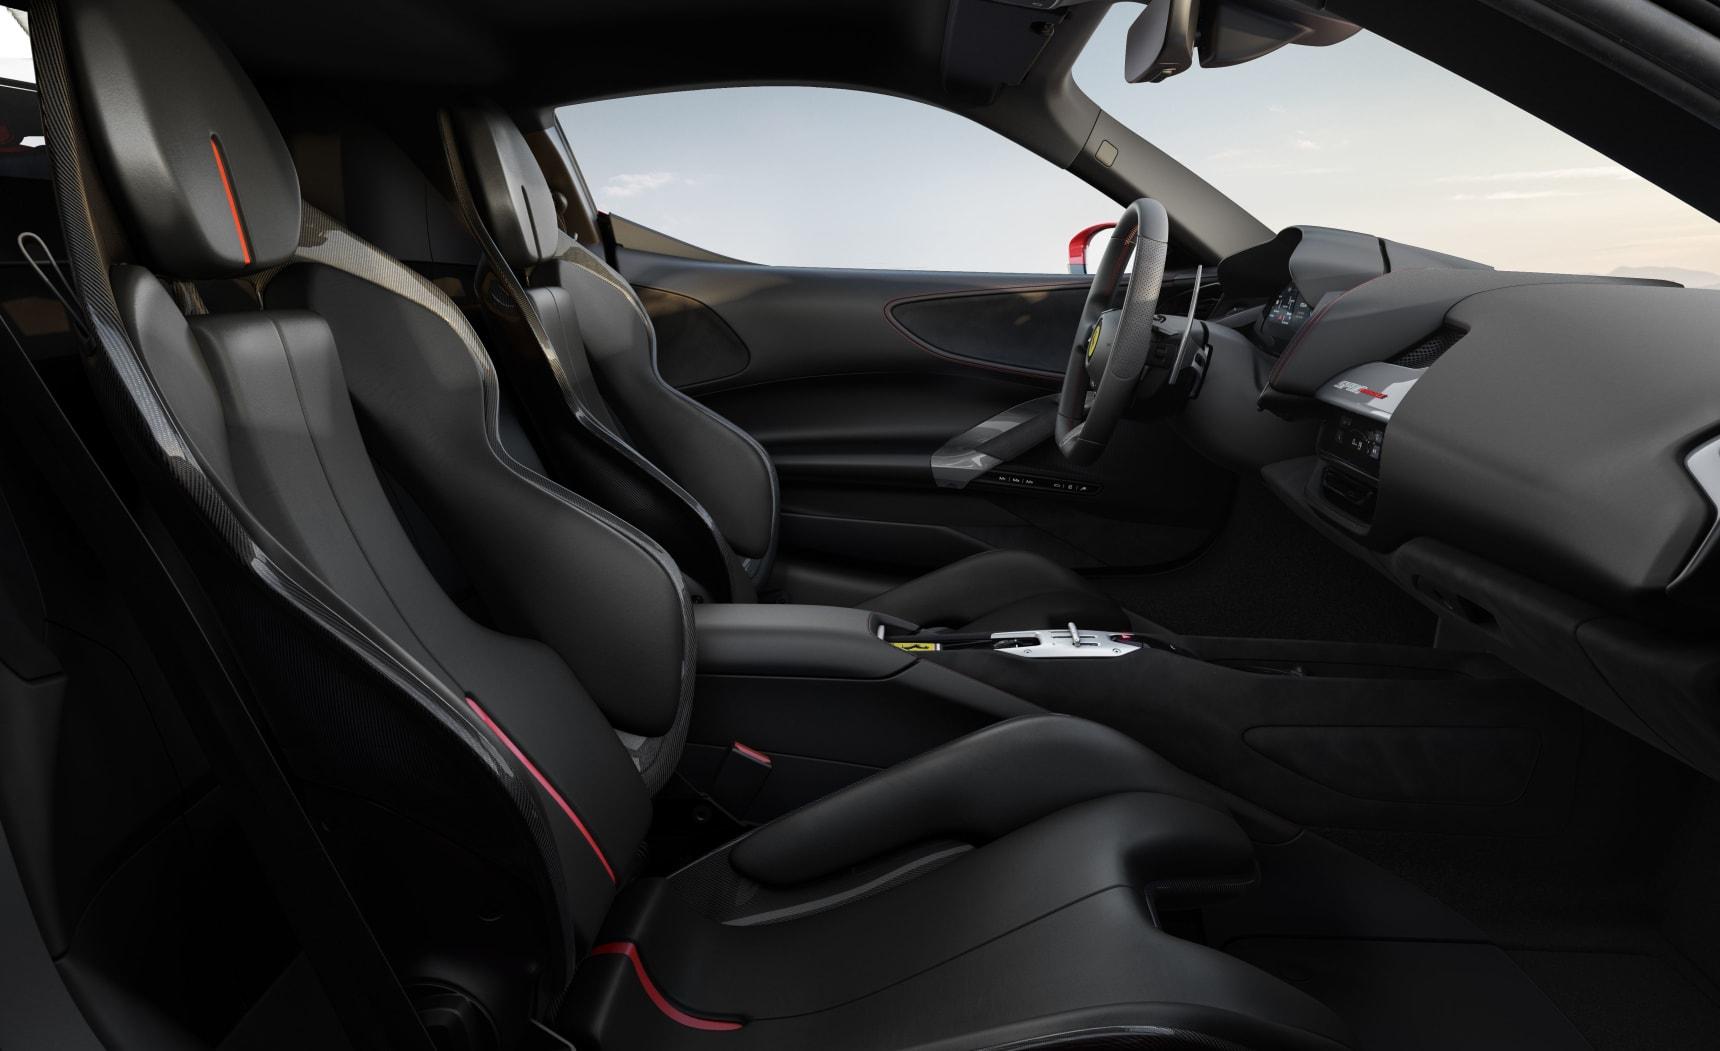 Der Ferrari SF90 Stradale: Ein Serien-Supersportwagen mit 1000 PS 5